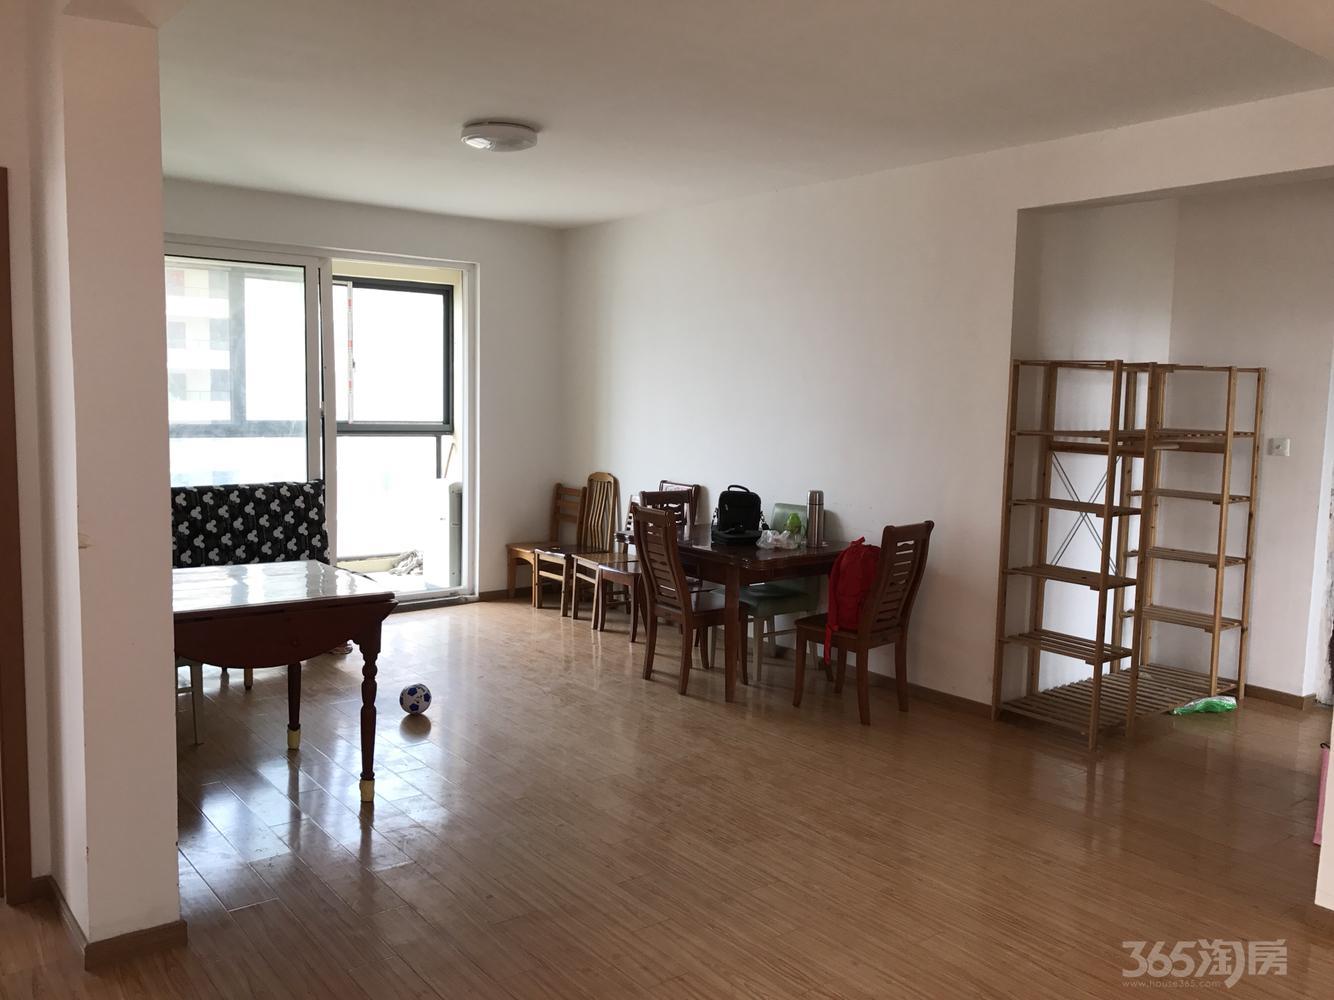 仙林悦城3室2厅1卫118平米整租简装